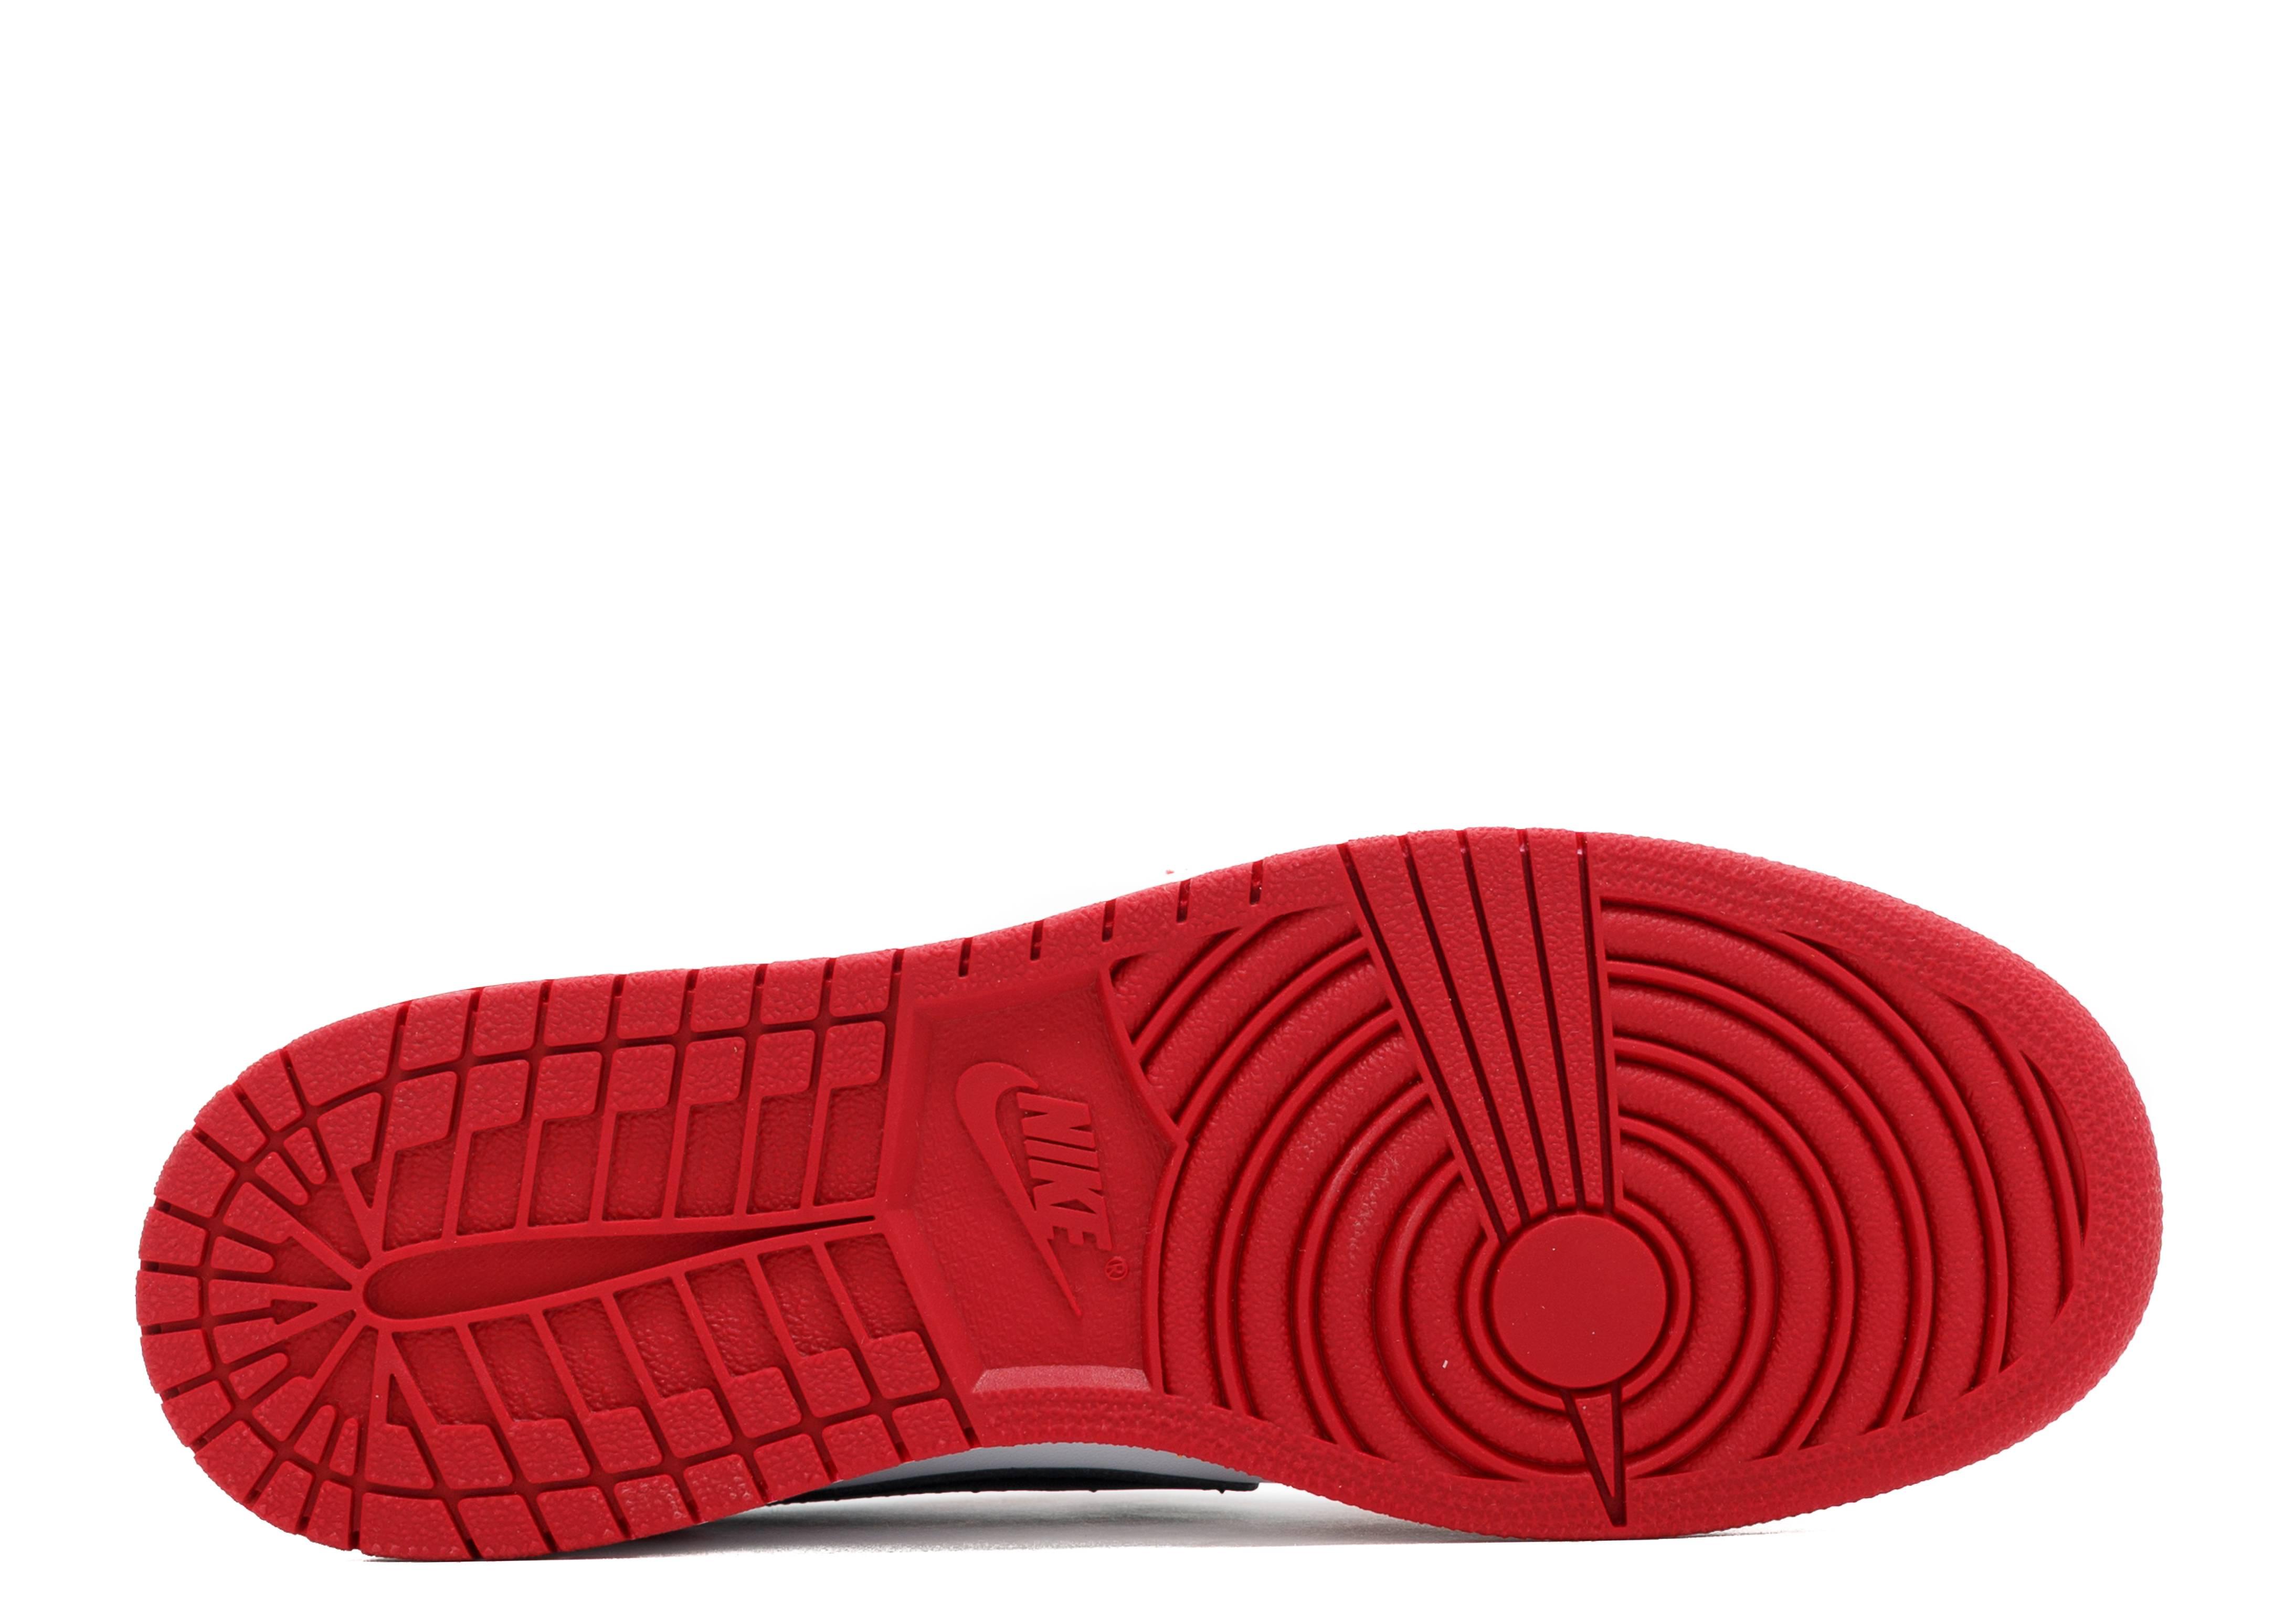 db9944dcb39 Air Jordan 1 Retro Low Og Bg - Air Jordan - 709999 600 - varsity red/black-white  | Flight Club